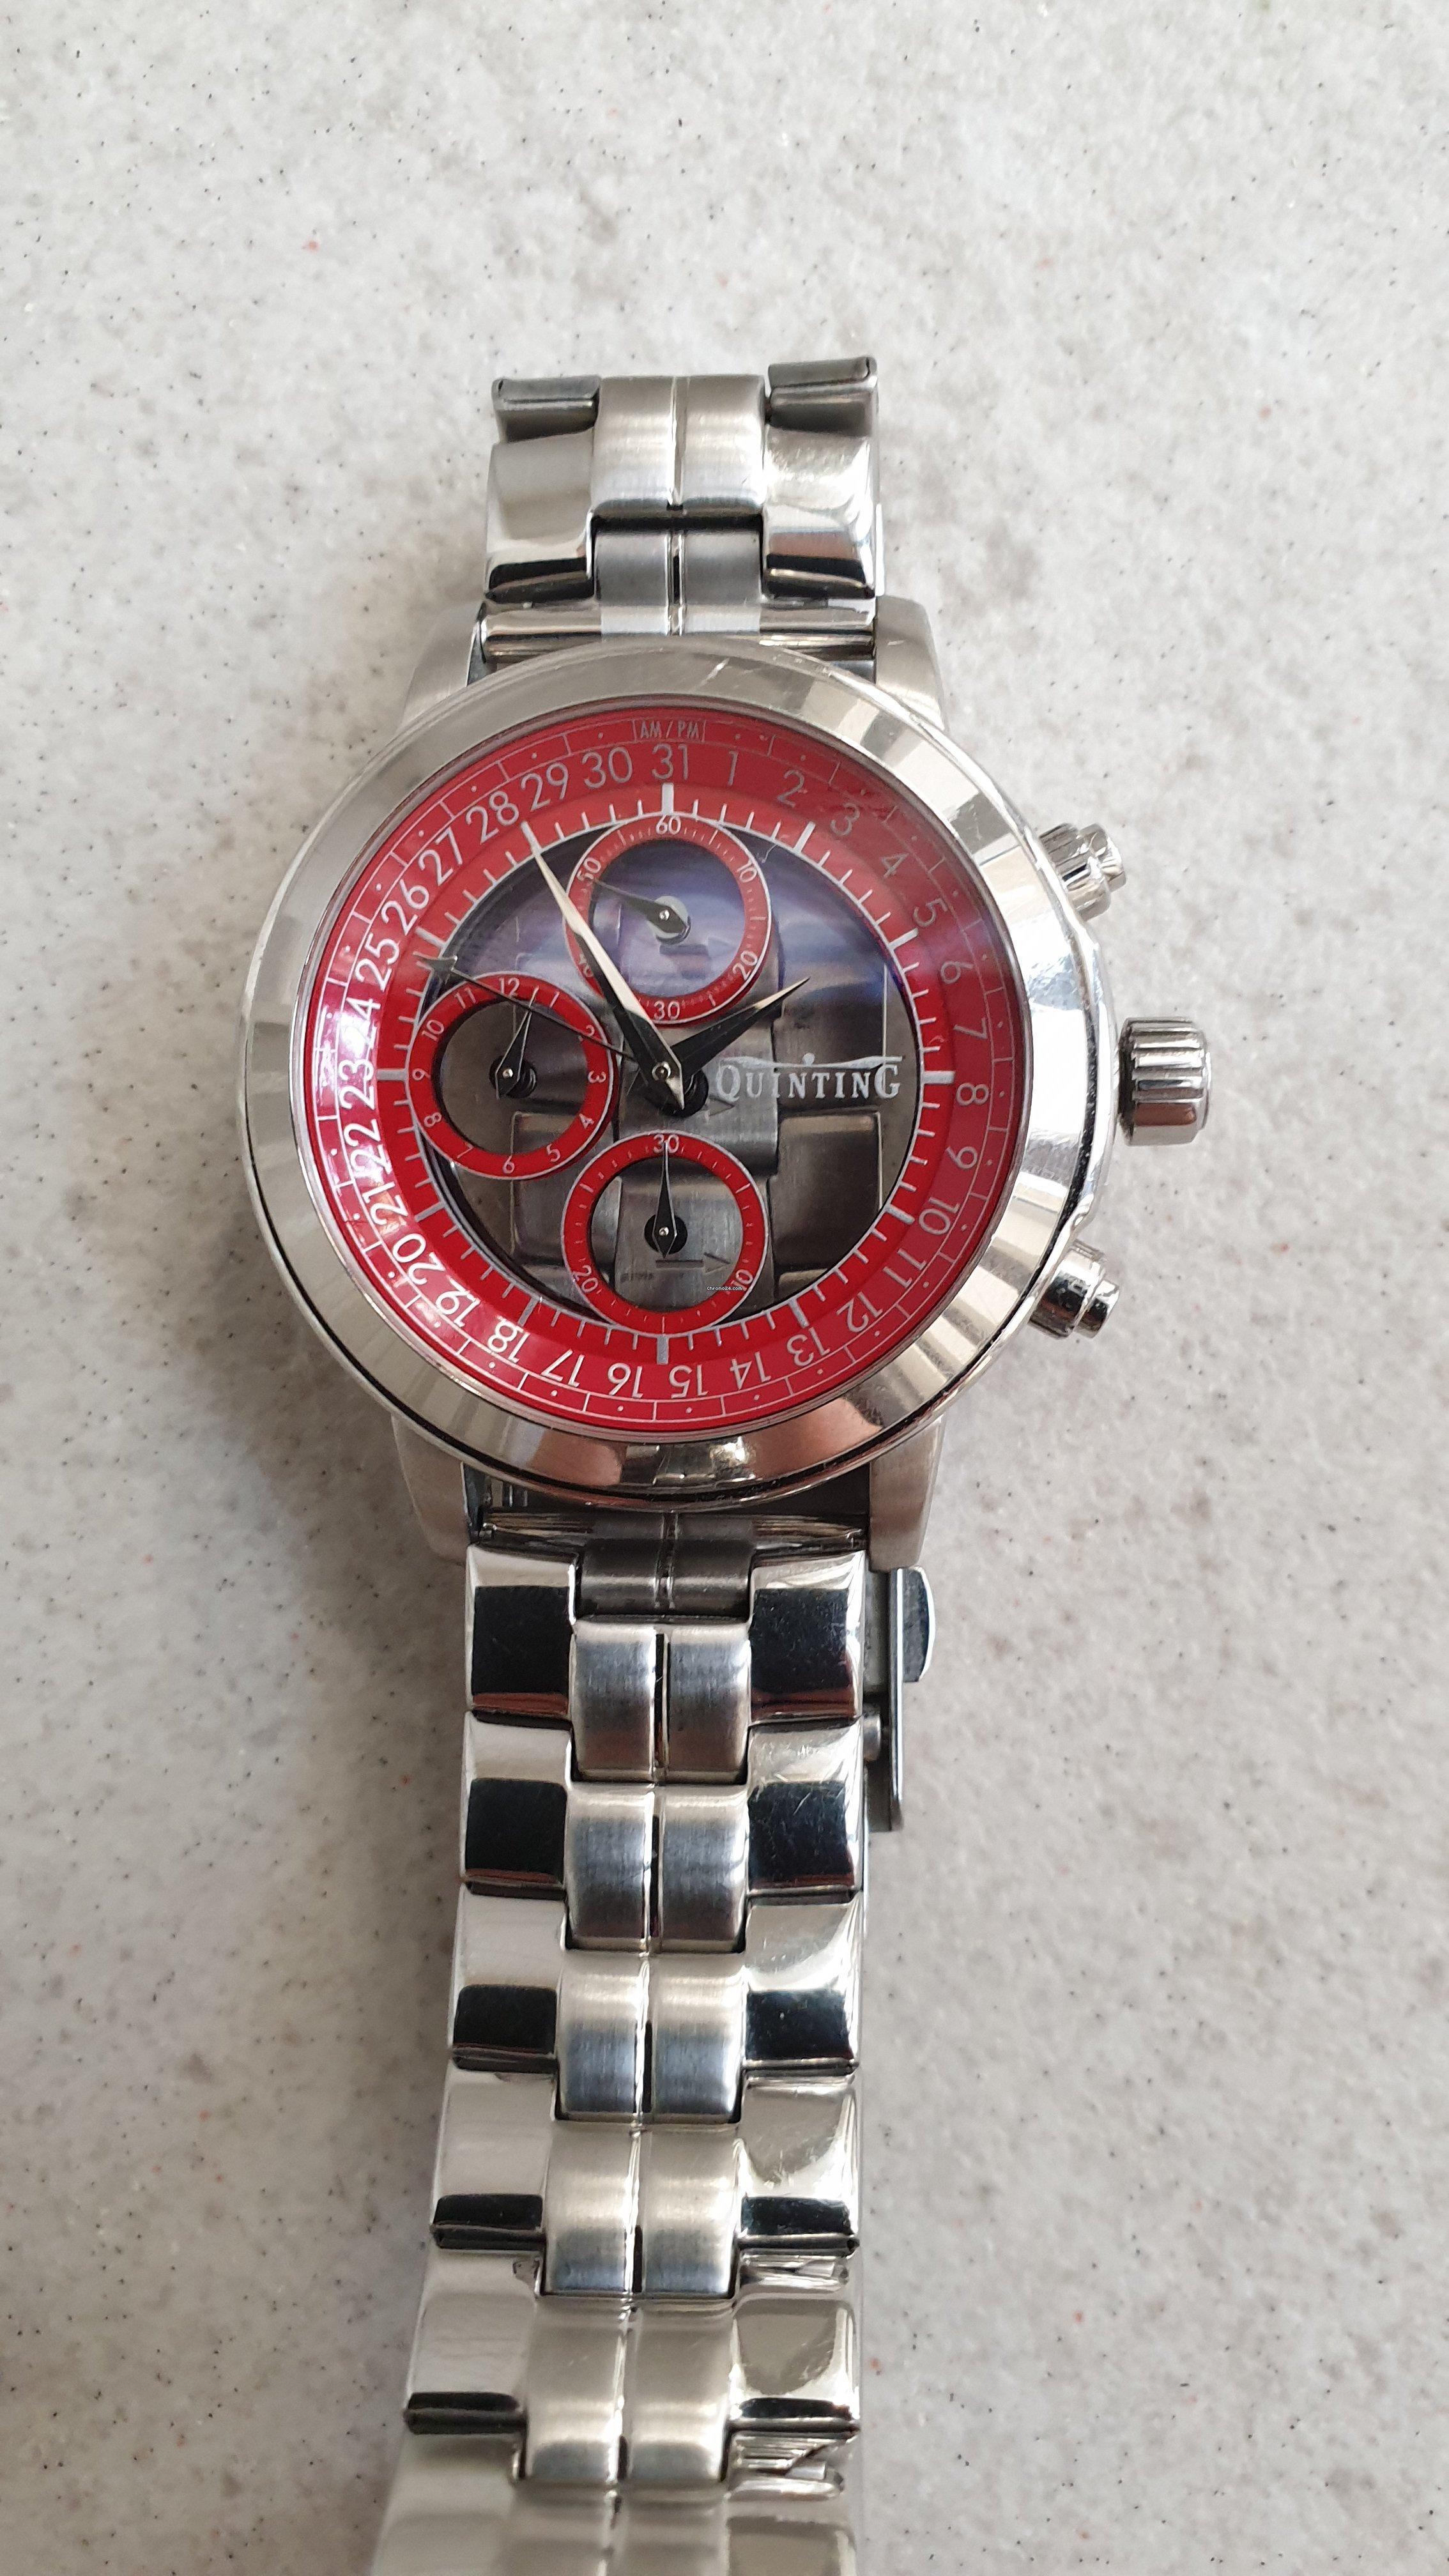 Часы стоимость quinting часов скупка швейцарским